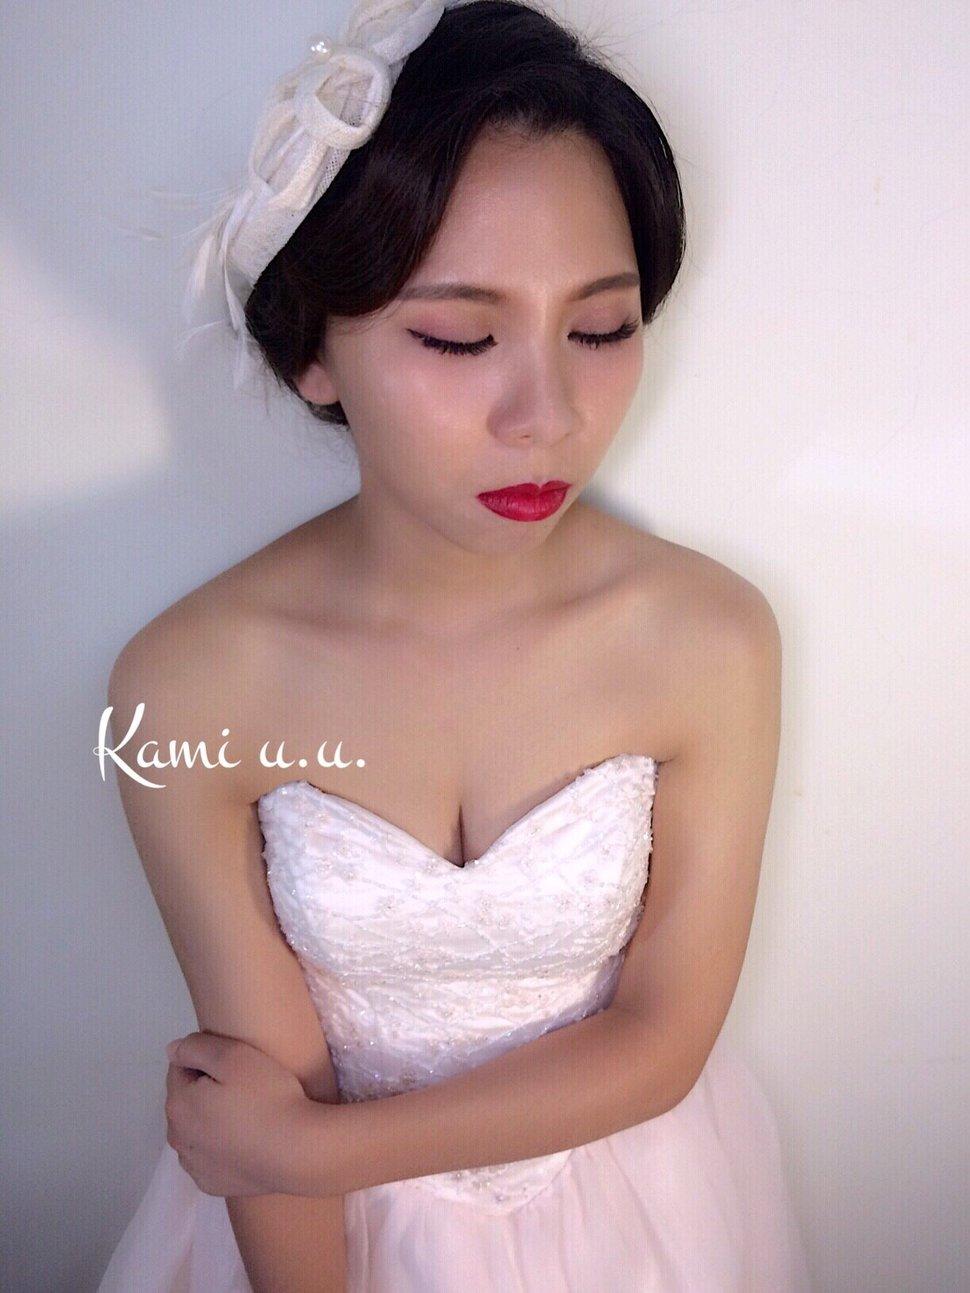 貝貝_190223_0005 - Kami u.u. 龔芷筠《結婚吧》